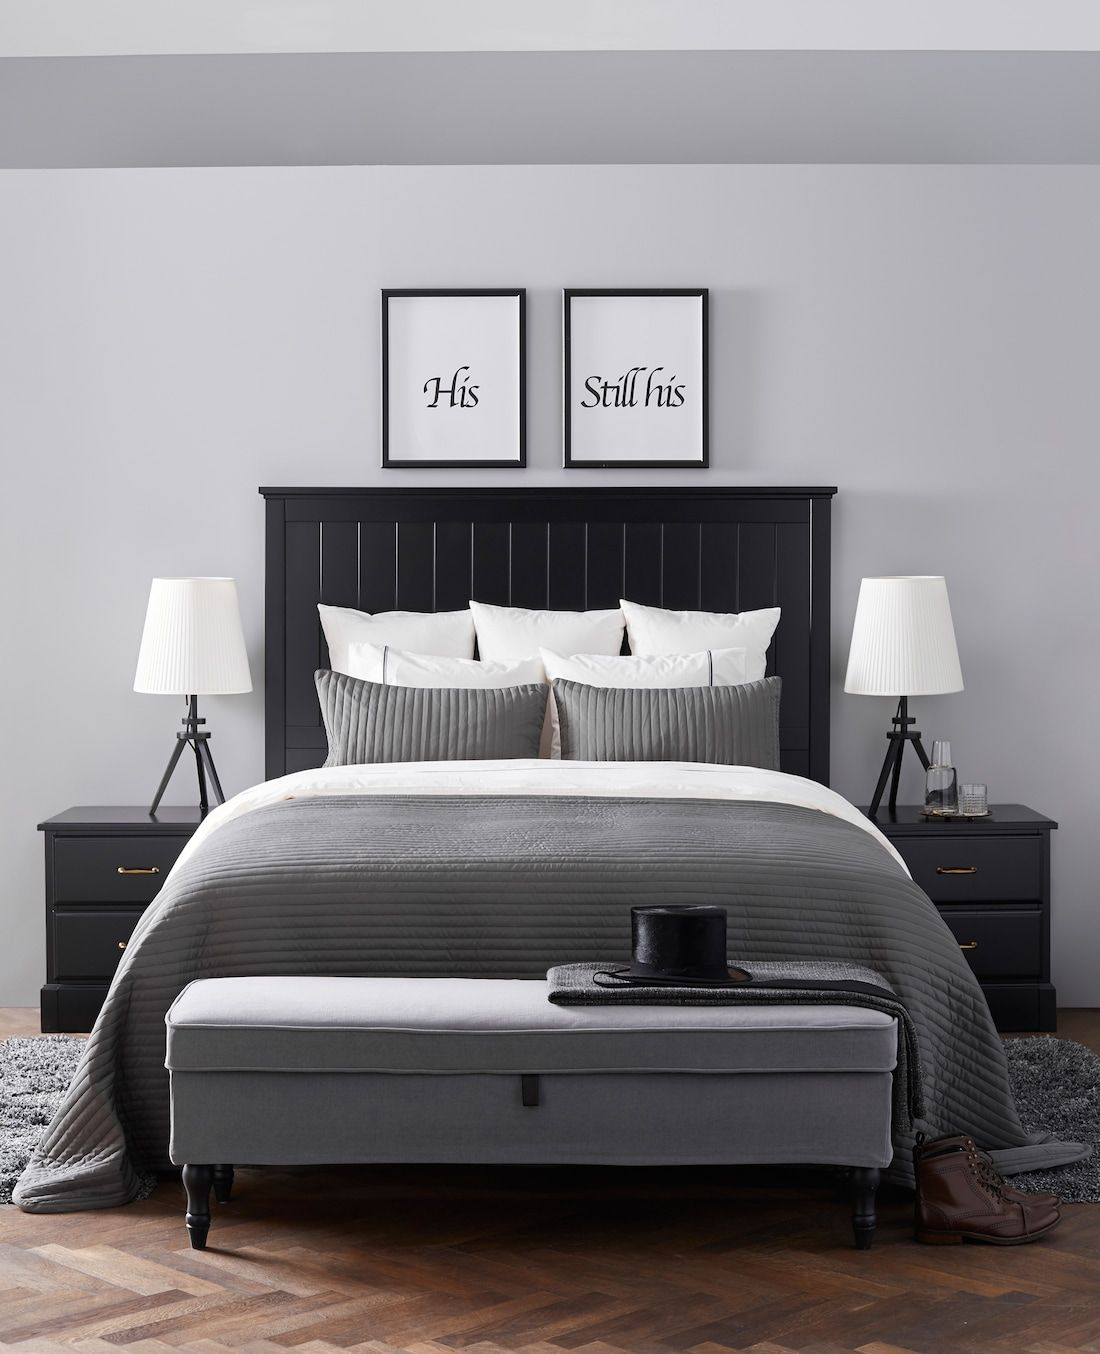 Ideen zur Schlafzimmergestaltung 3 tolle Ideen ...